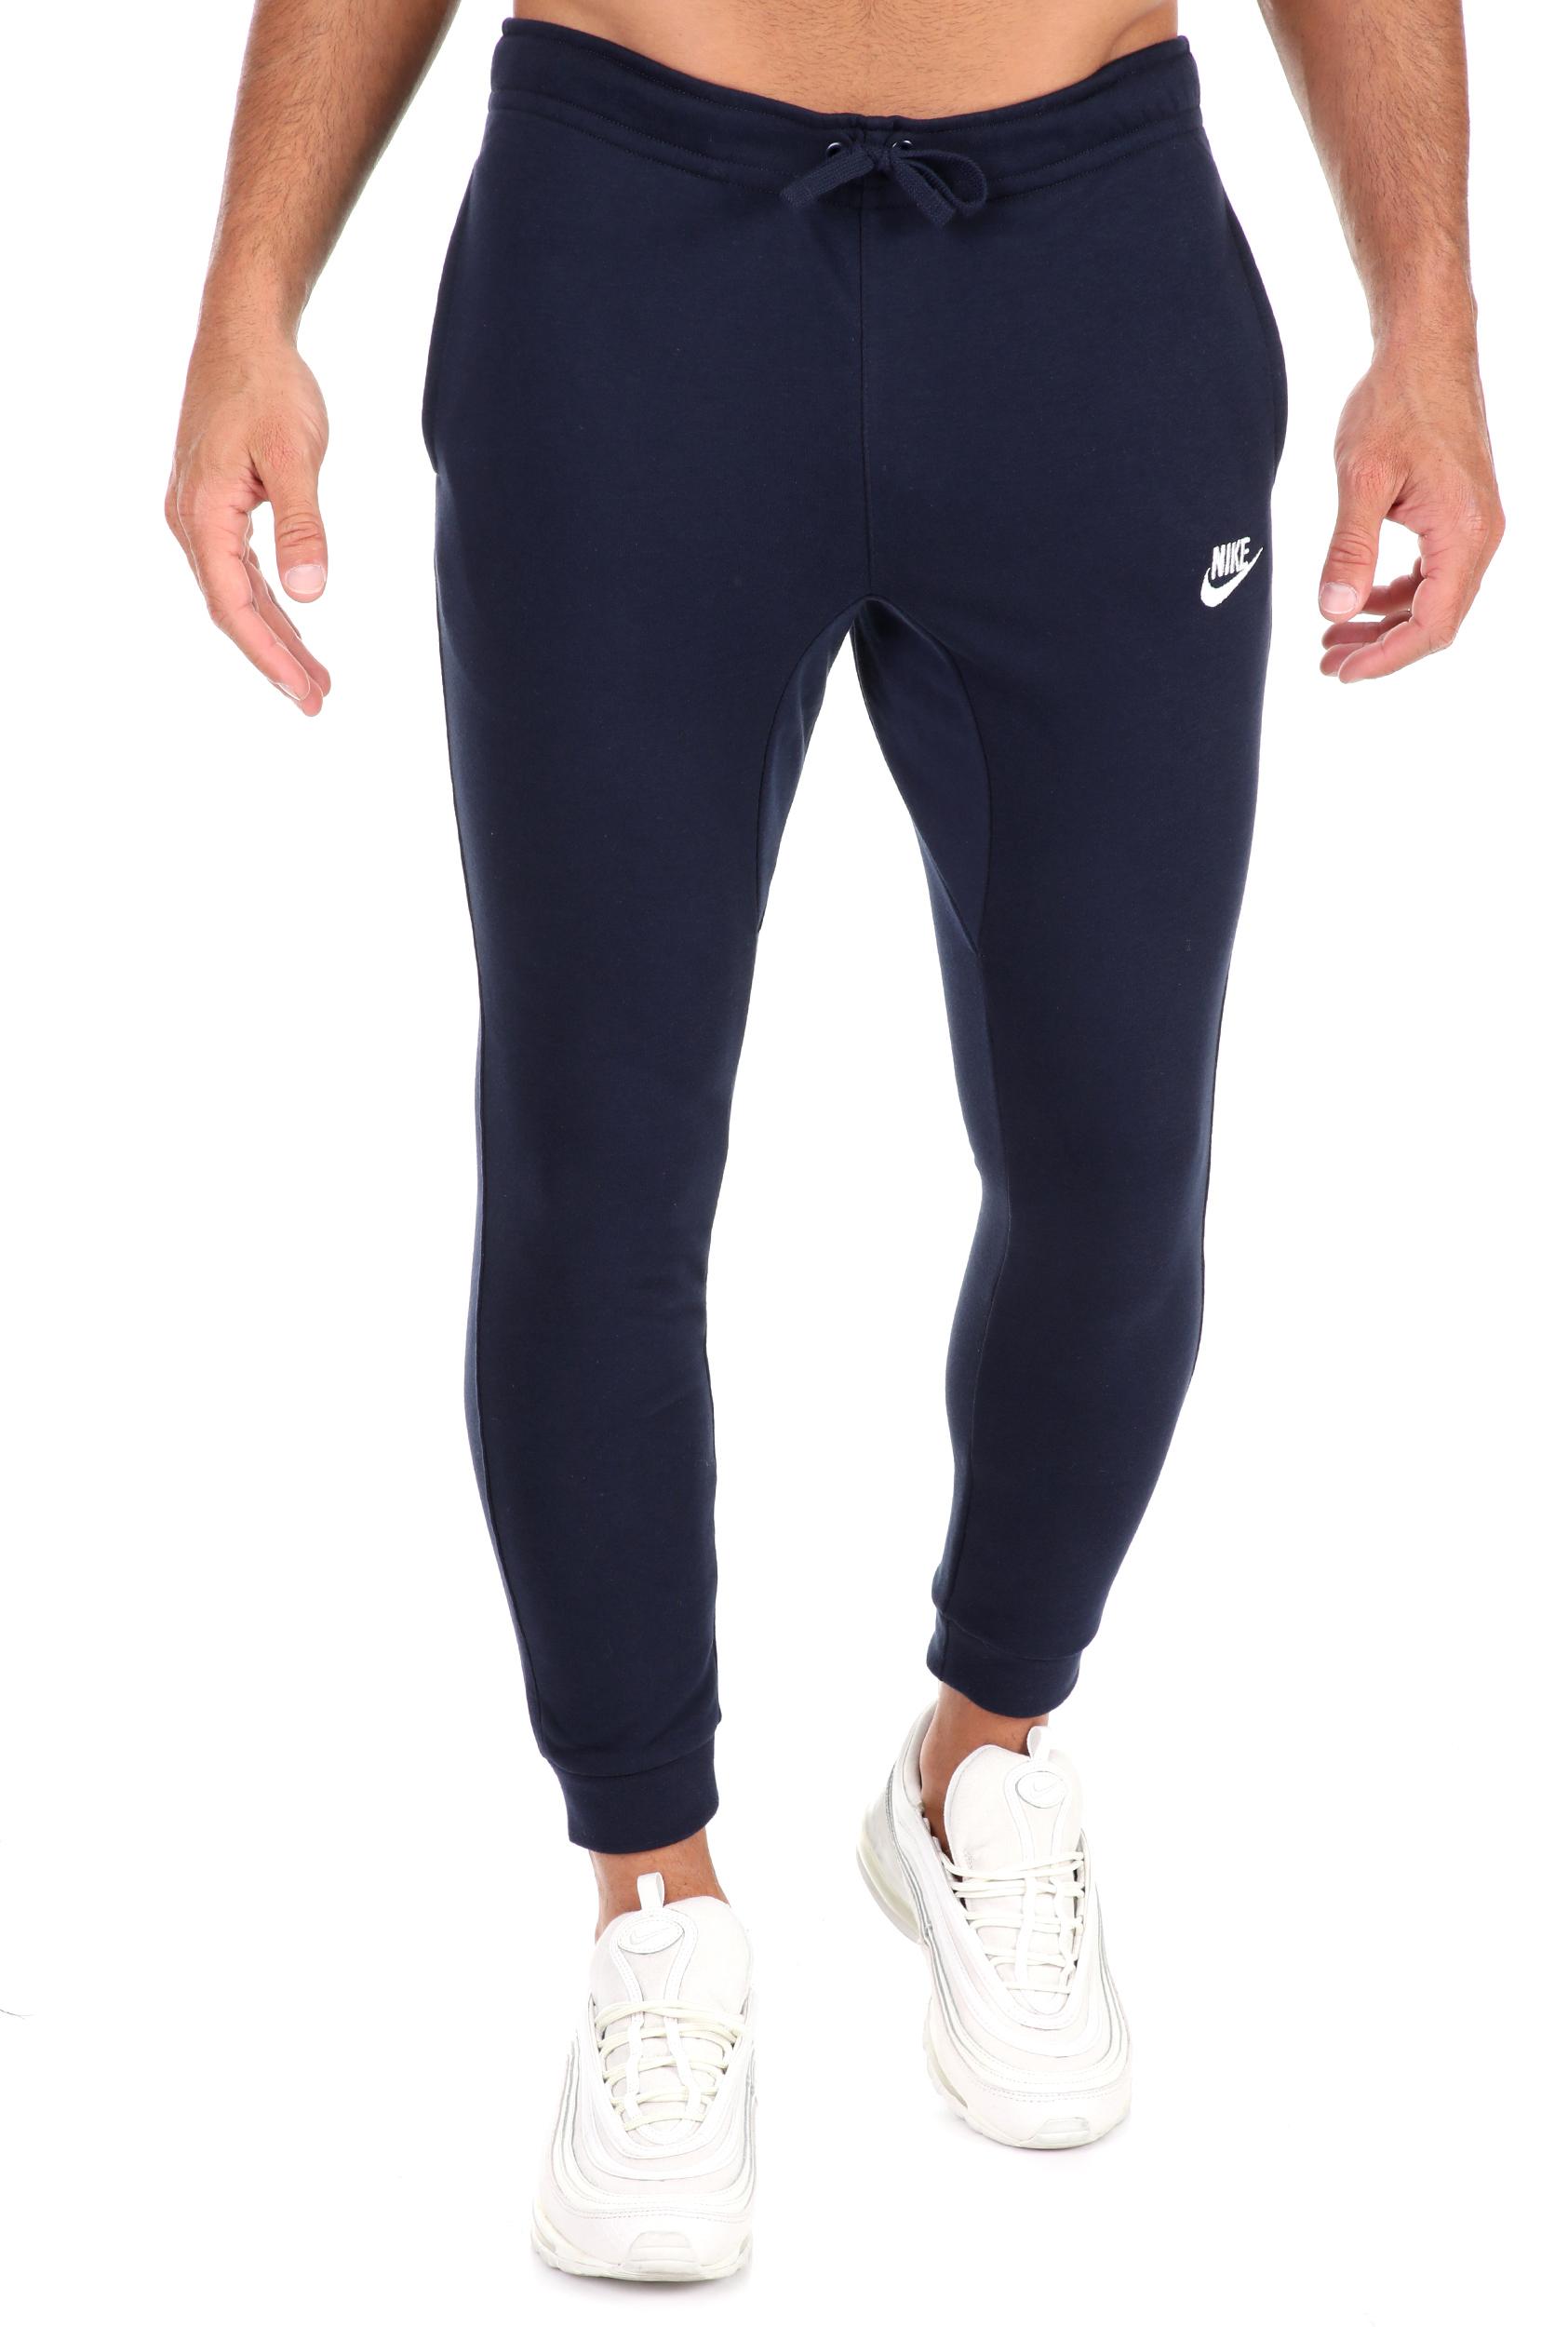 NIKE - Ανδρικό αθλητικό παντελόνι NIKE μπλε